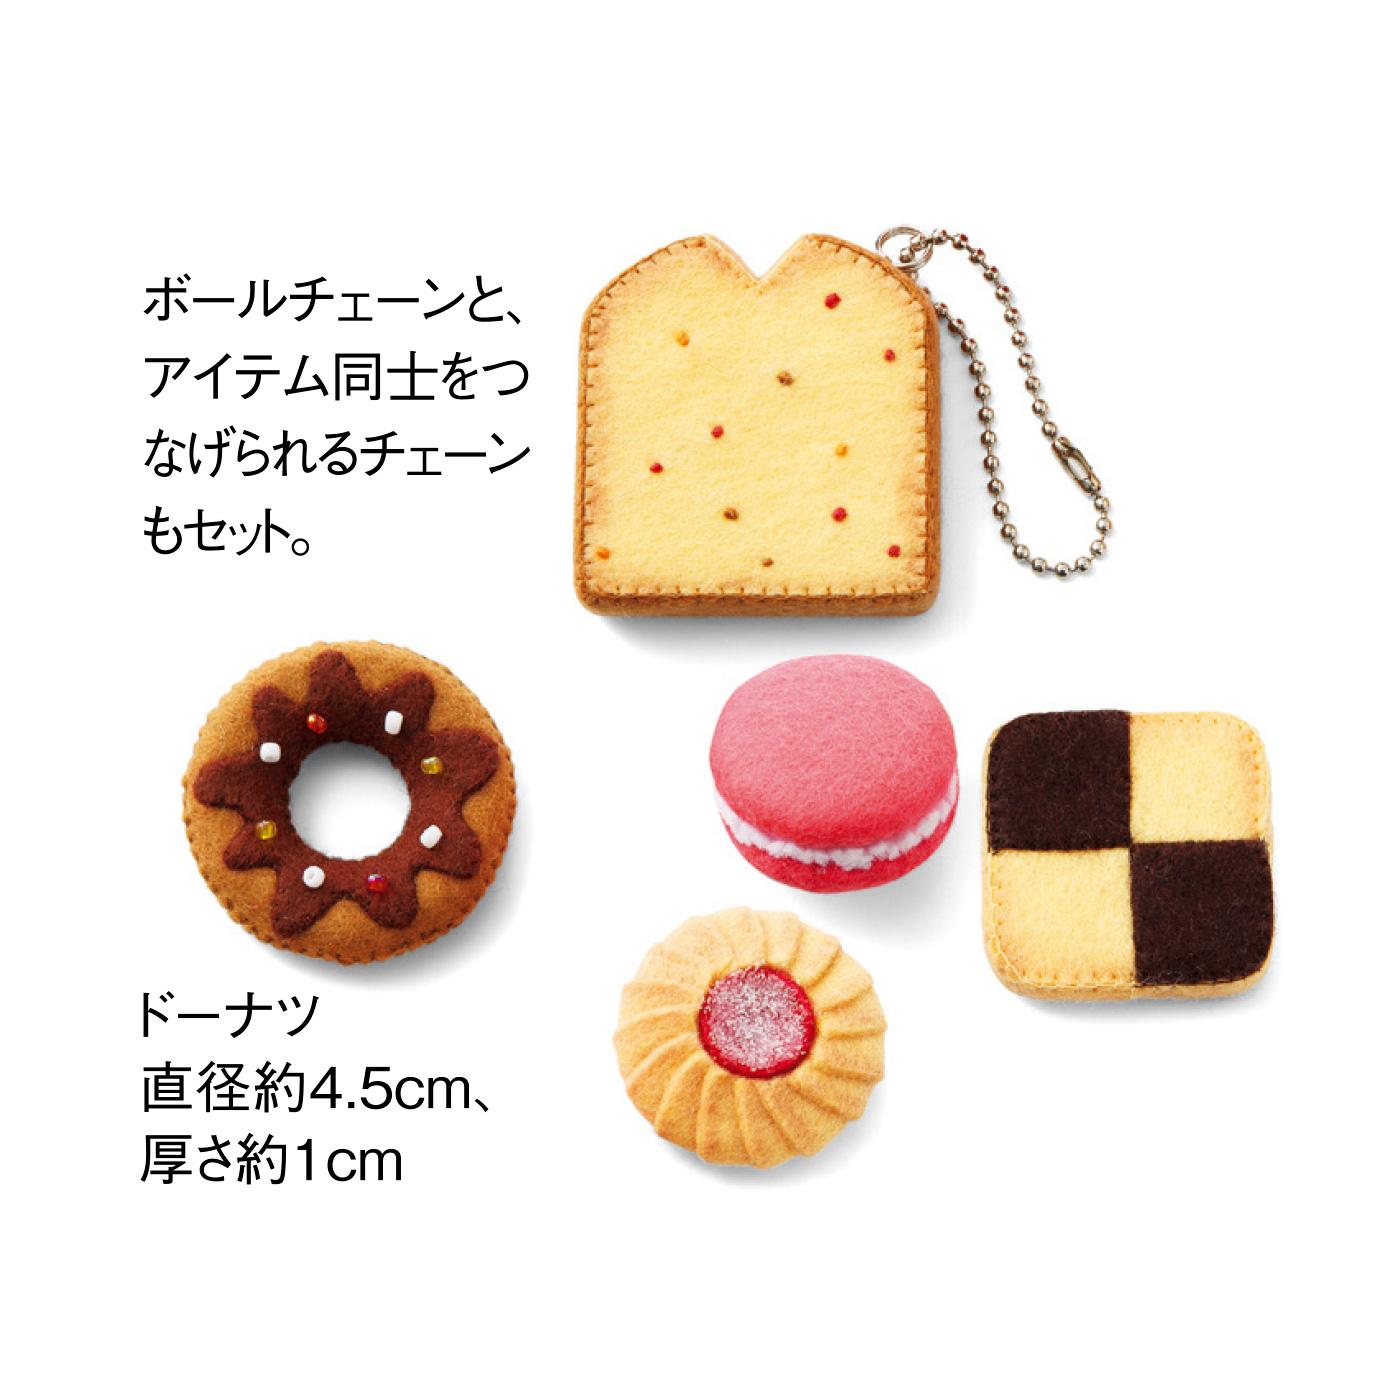 焼き菓子チャームセット